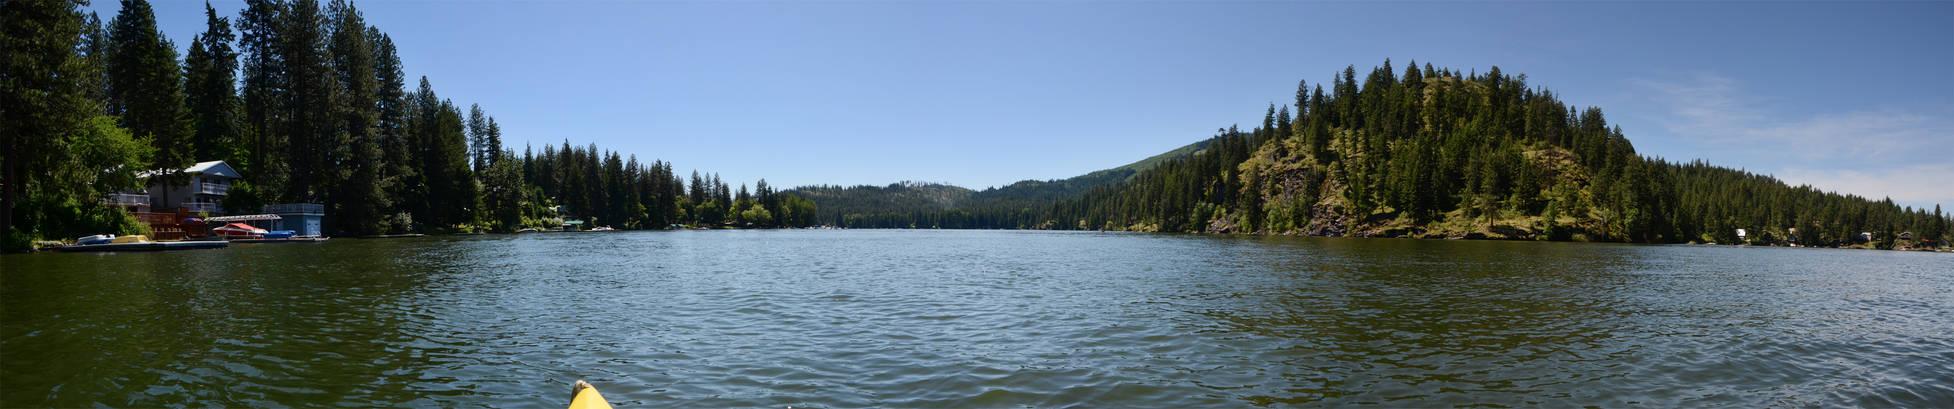 Twin Lakes 2012-06-28